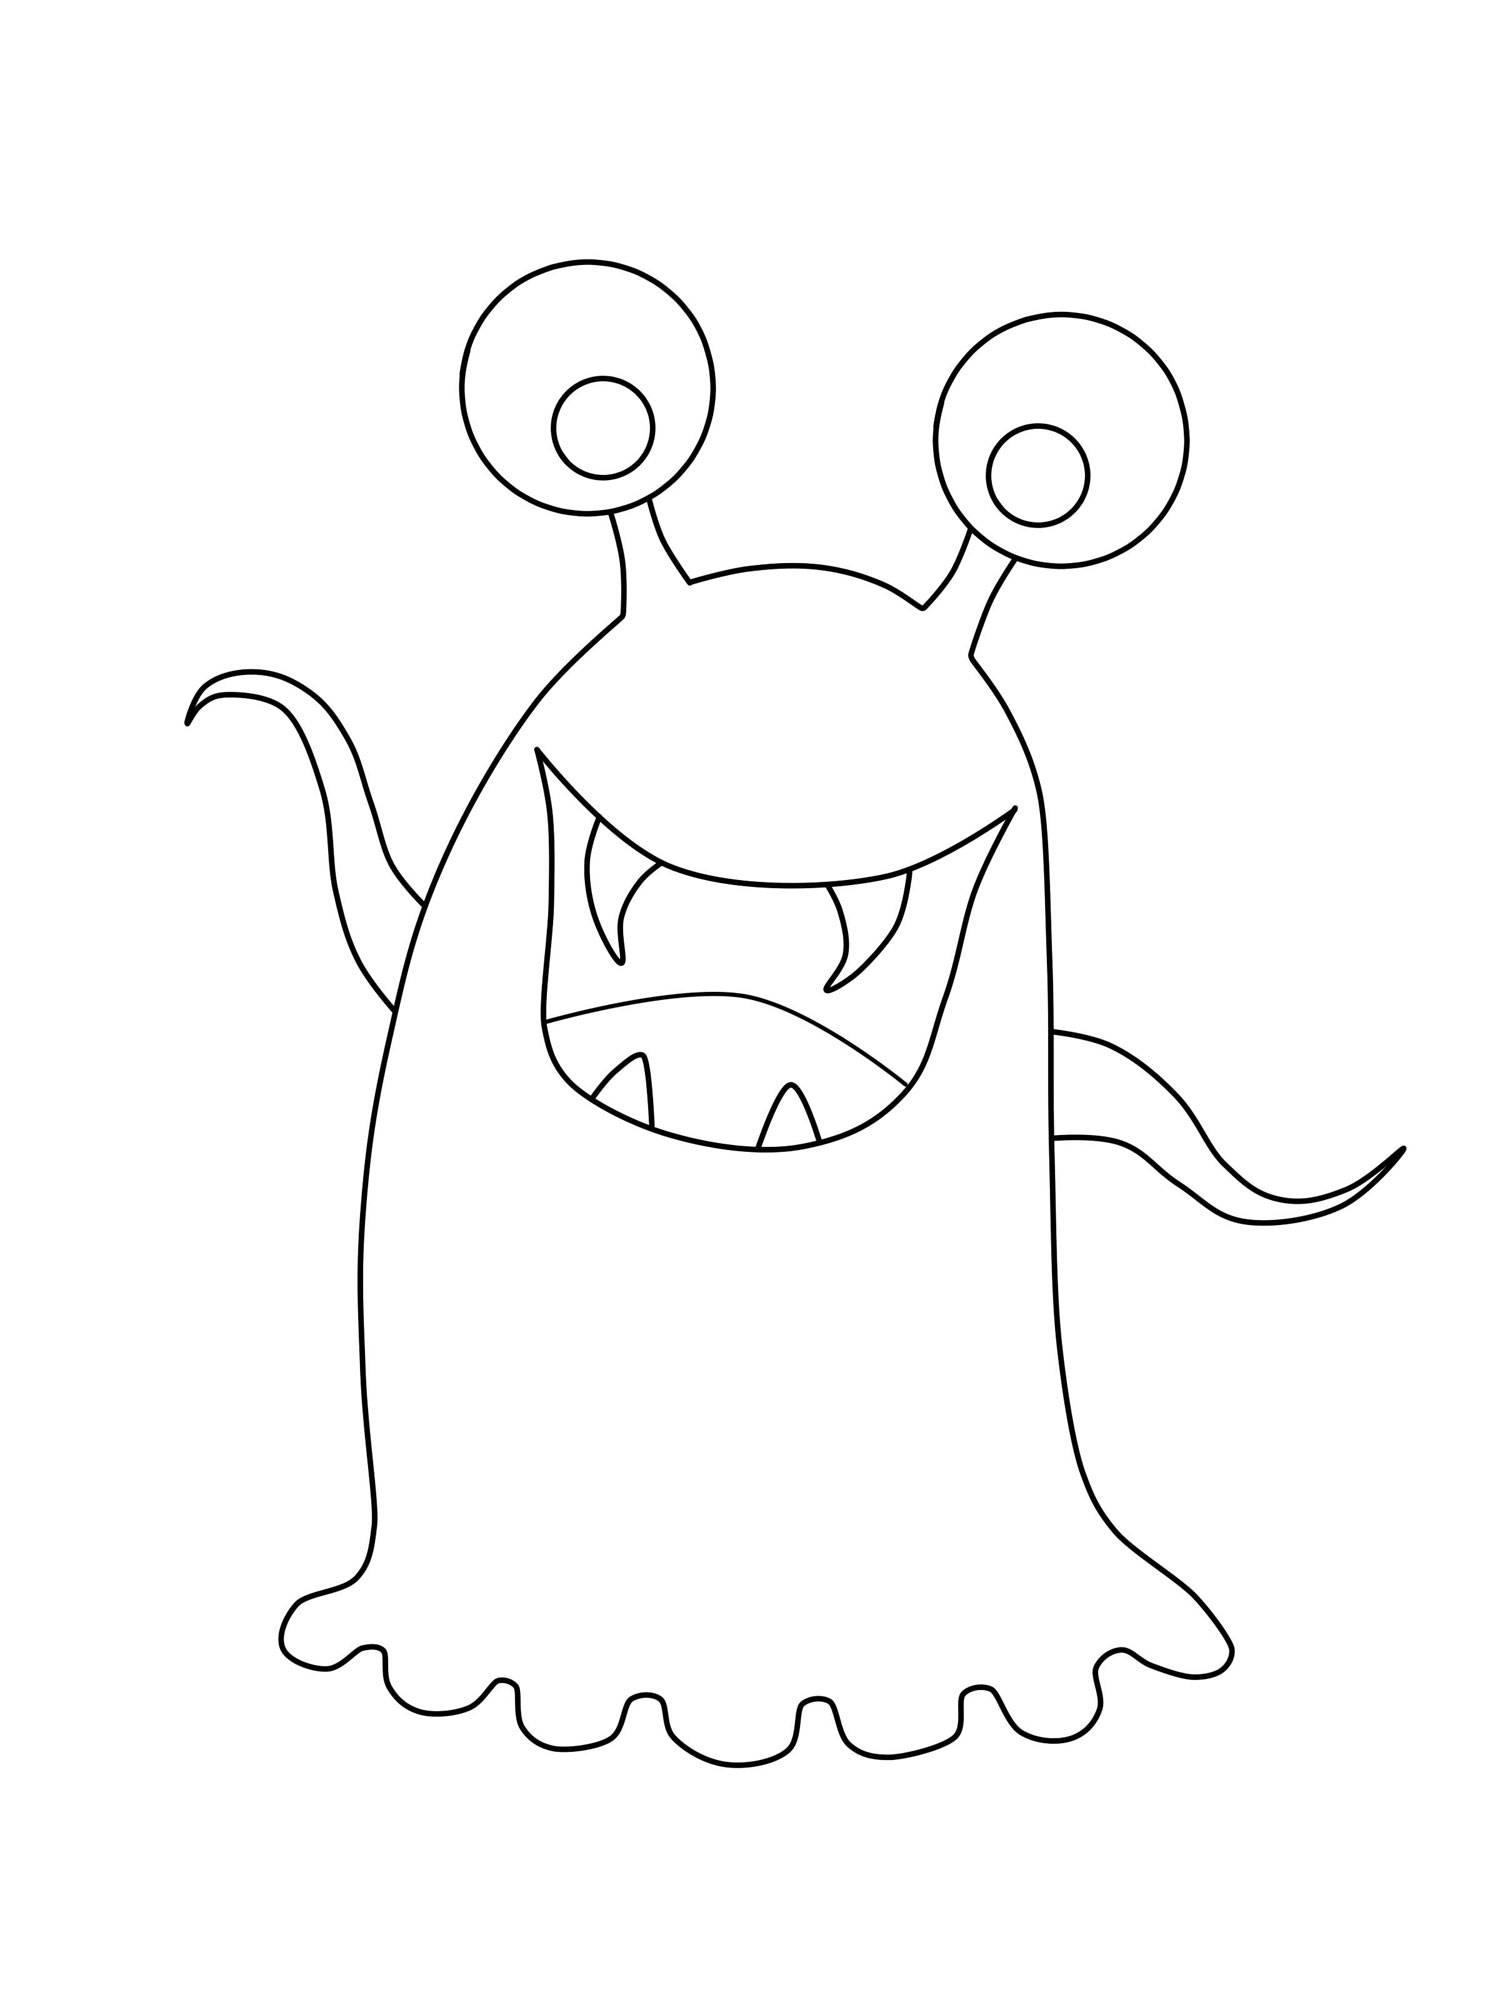 Kostenlose Malvorlage Halloween Glupschaugen Monster zum ...